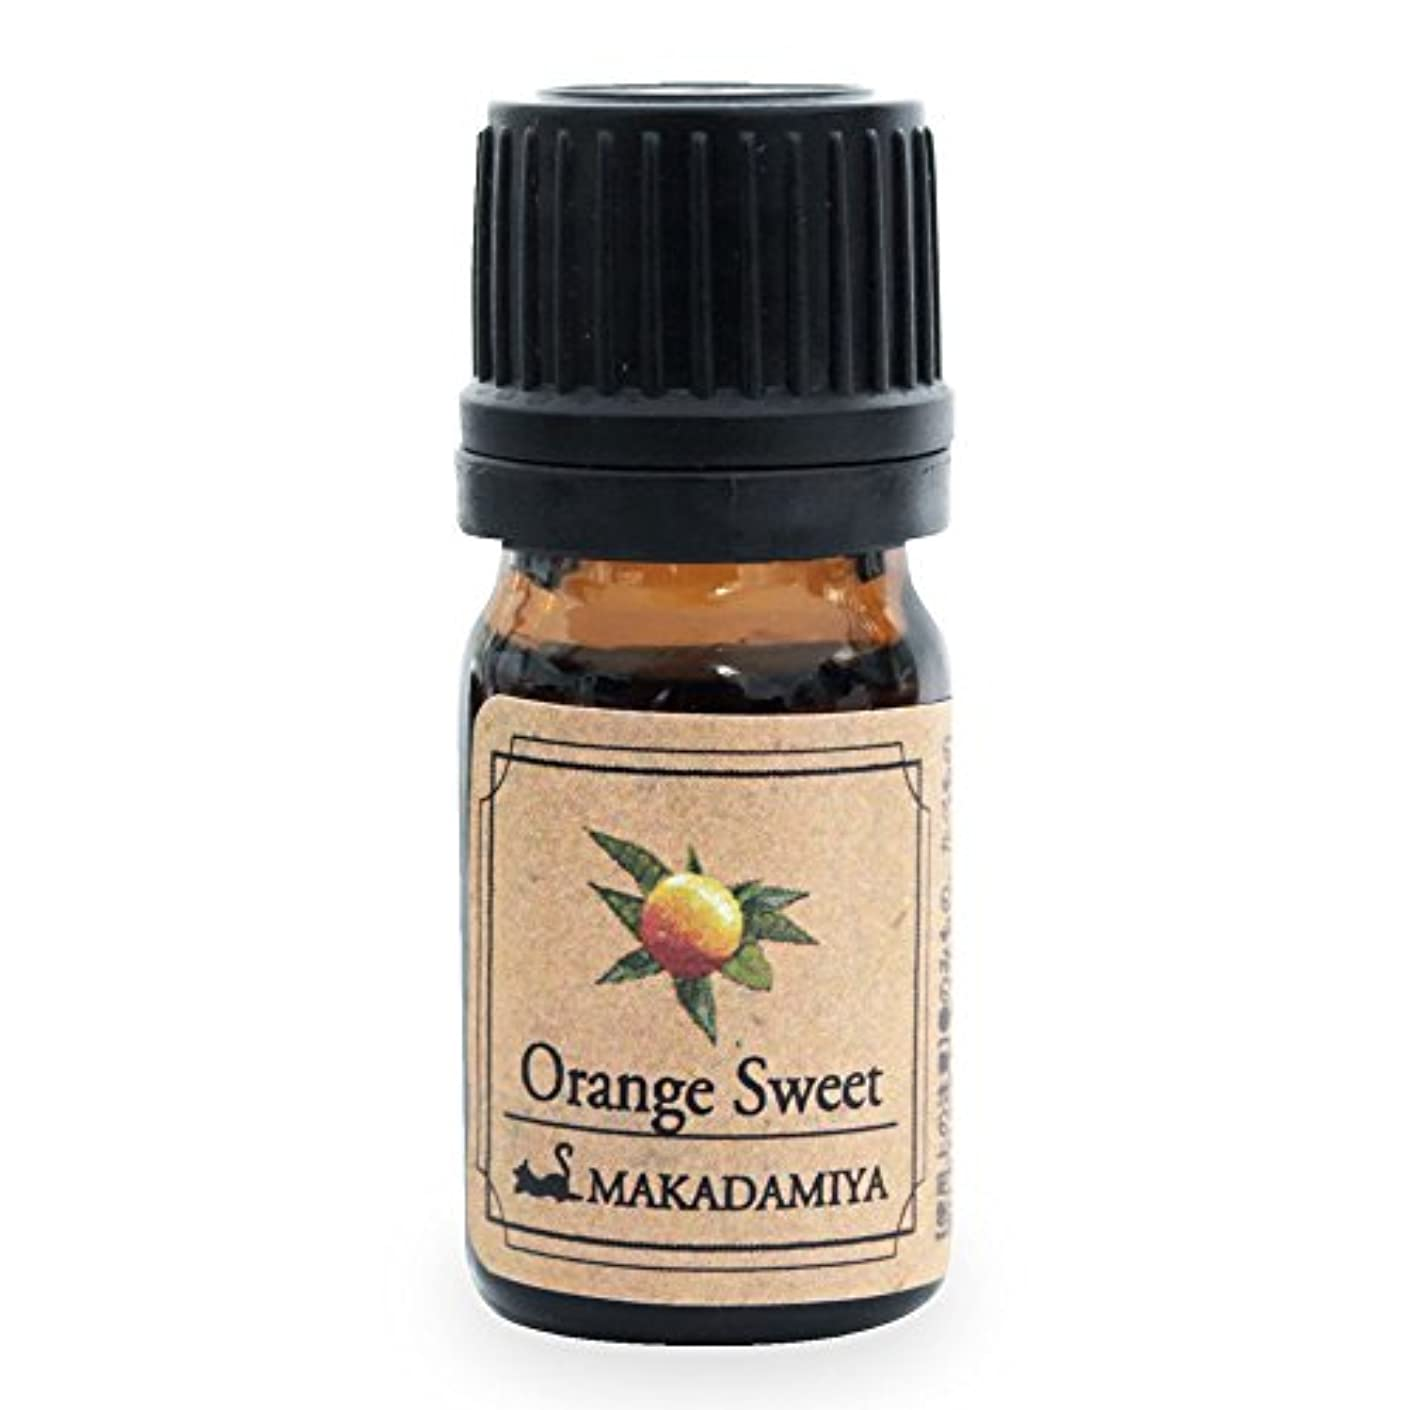 前混合したクランシーオレンジ?スイート5ml 天然100%植物性 エッセンシャルオイル(精油) アロマオイル アロママッサージ aroma Orange Sweet